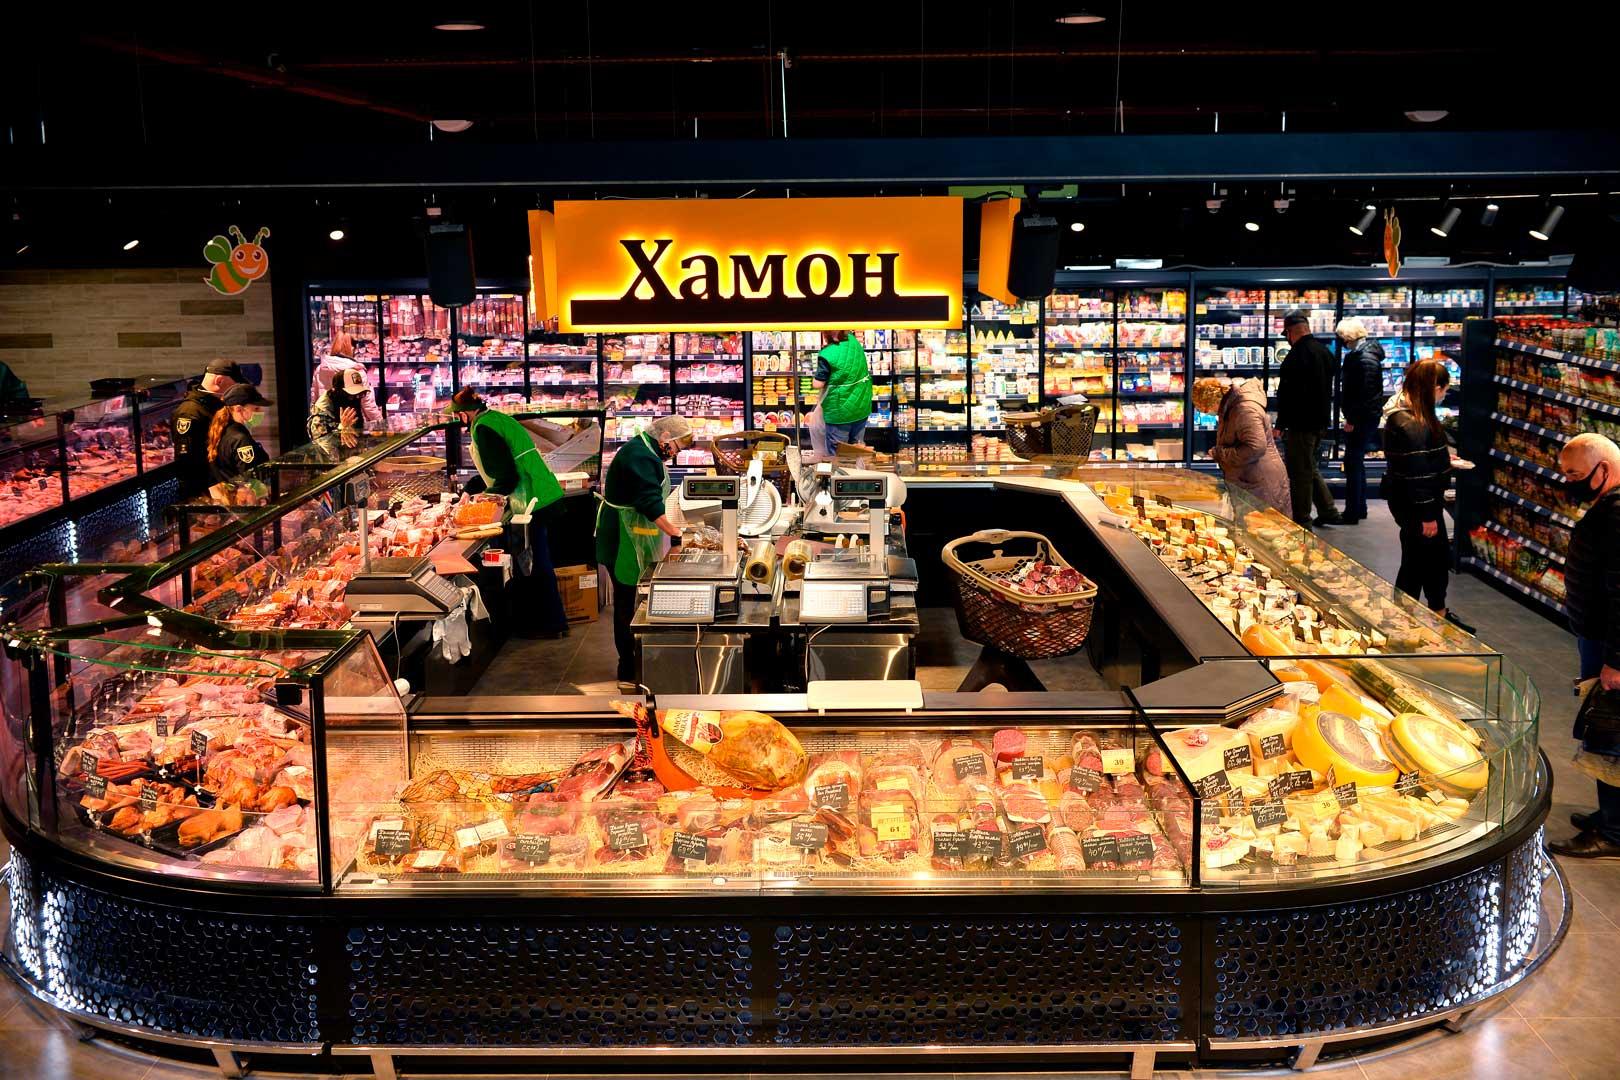 """Kuhlvitrinen Missouri MC 120 deli PS M, Supermarkt """"Pchyolka-market"""""""